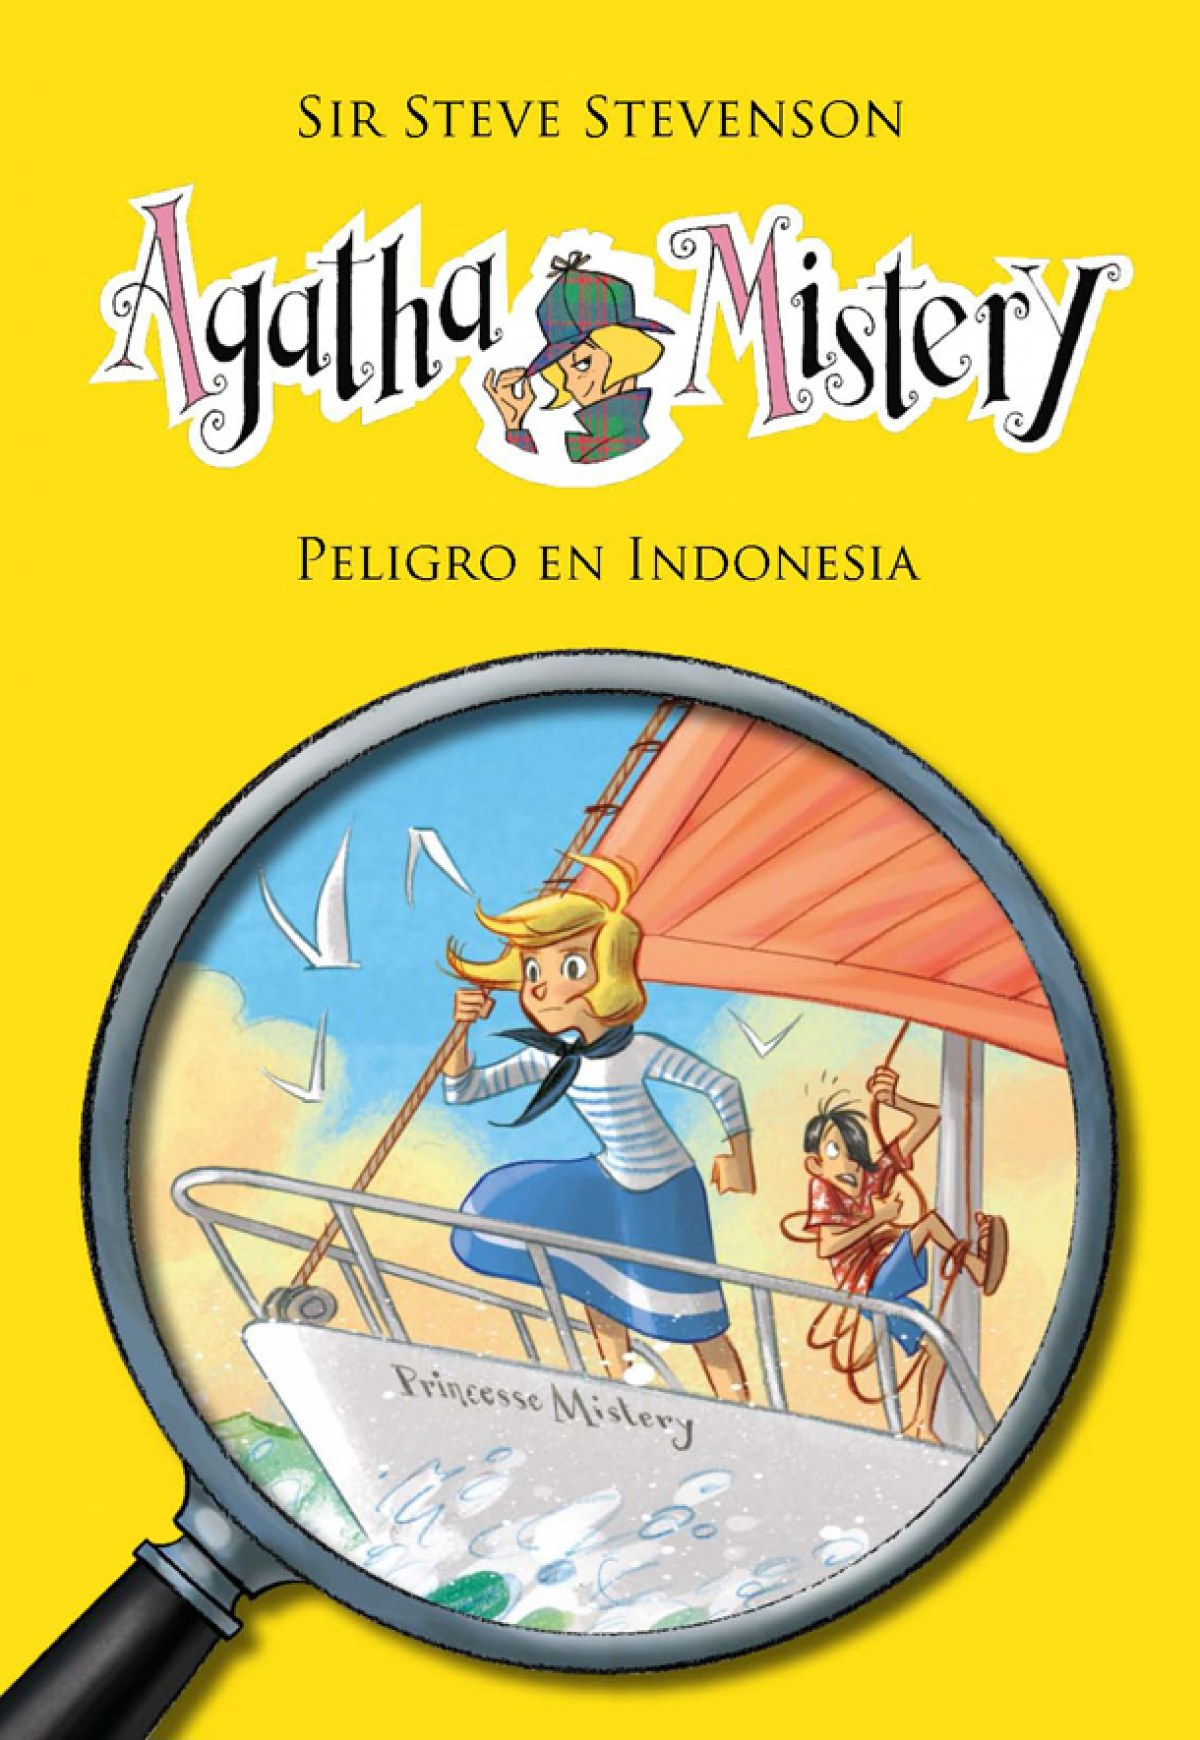 PELIGRO EN INDONESIA